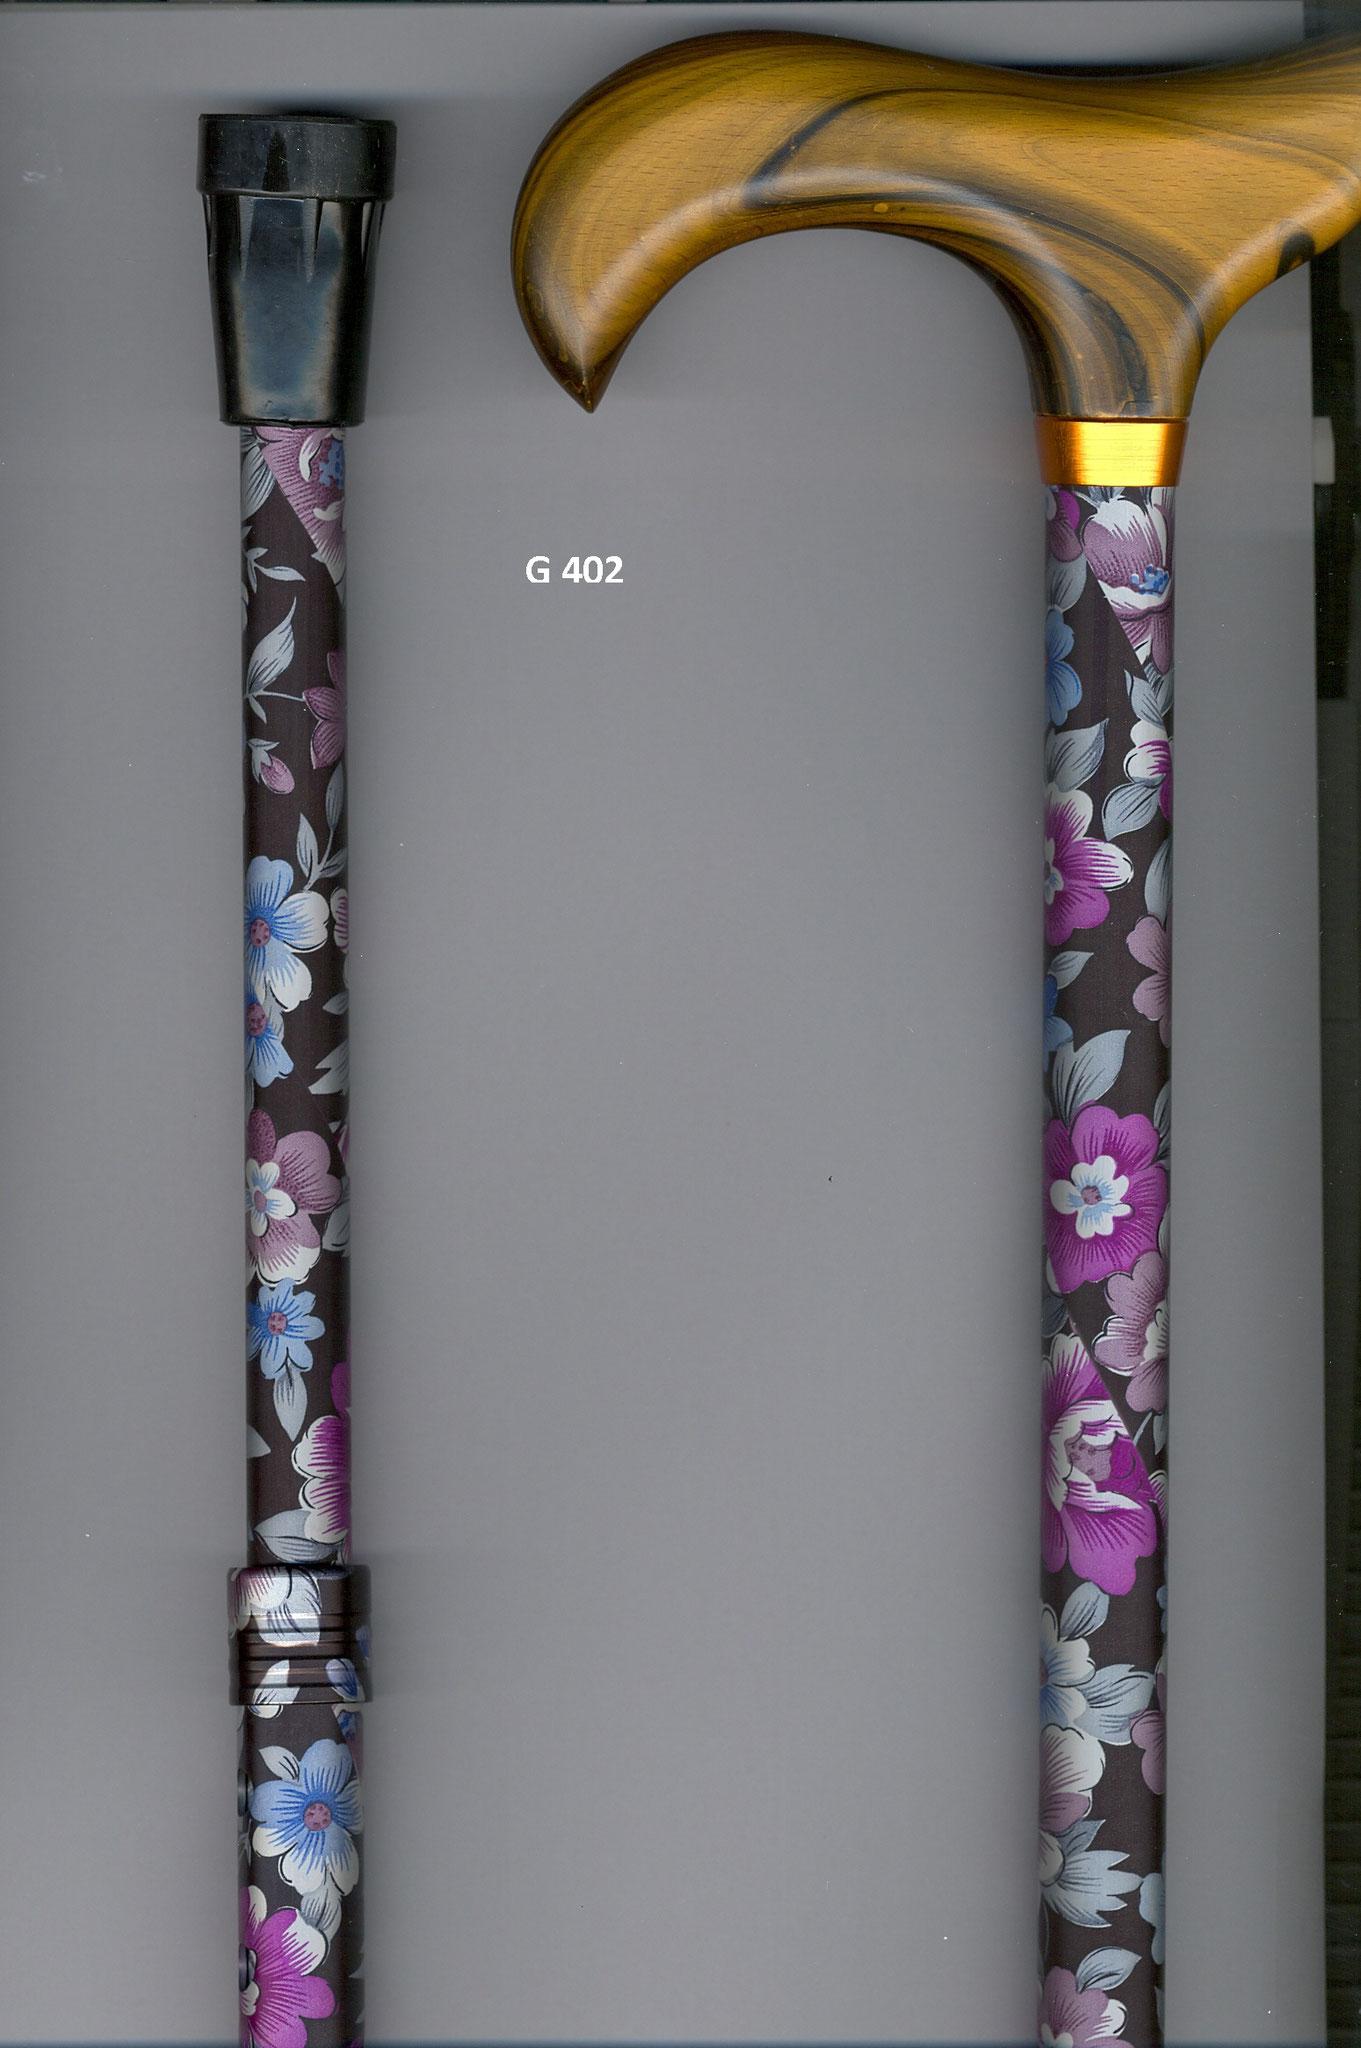 G402 Steunstok telescopisch aluminium met bloemen